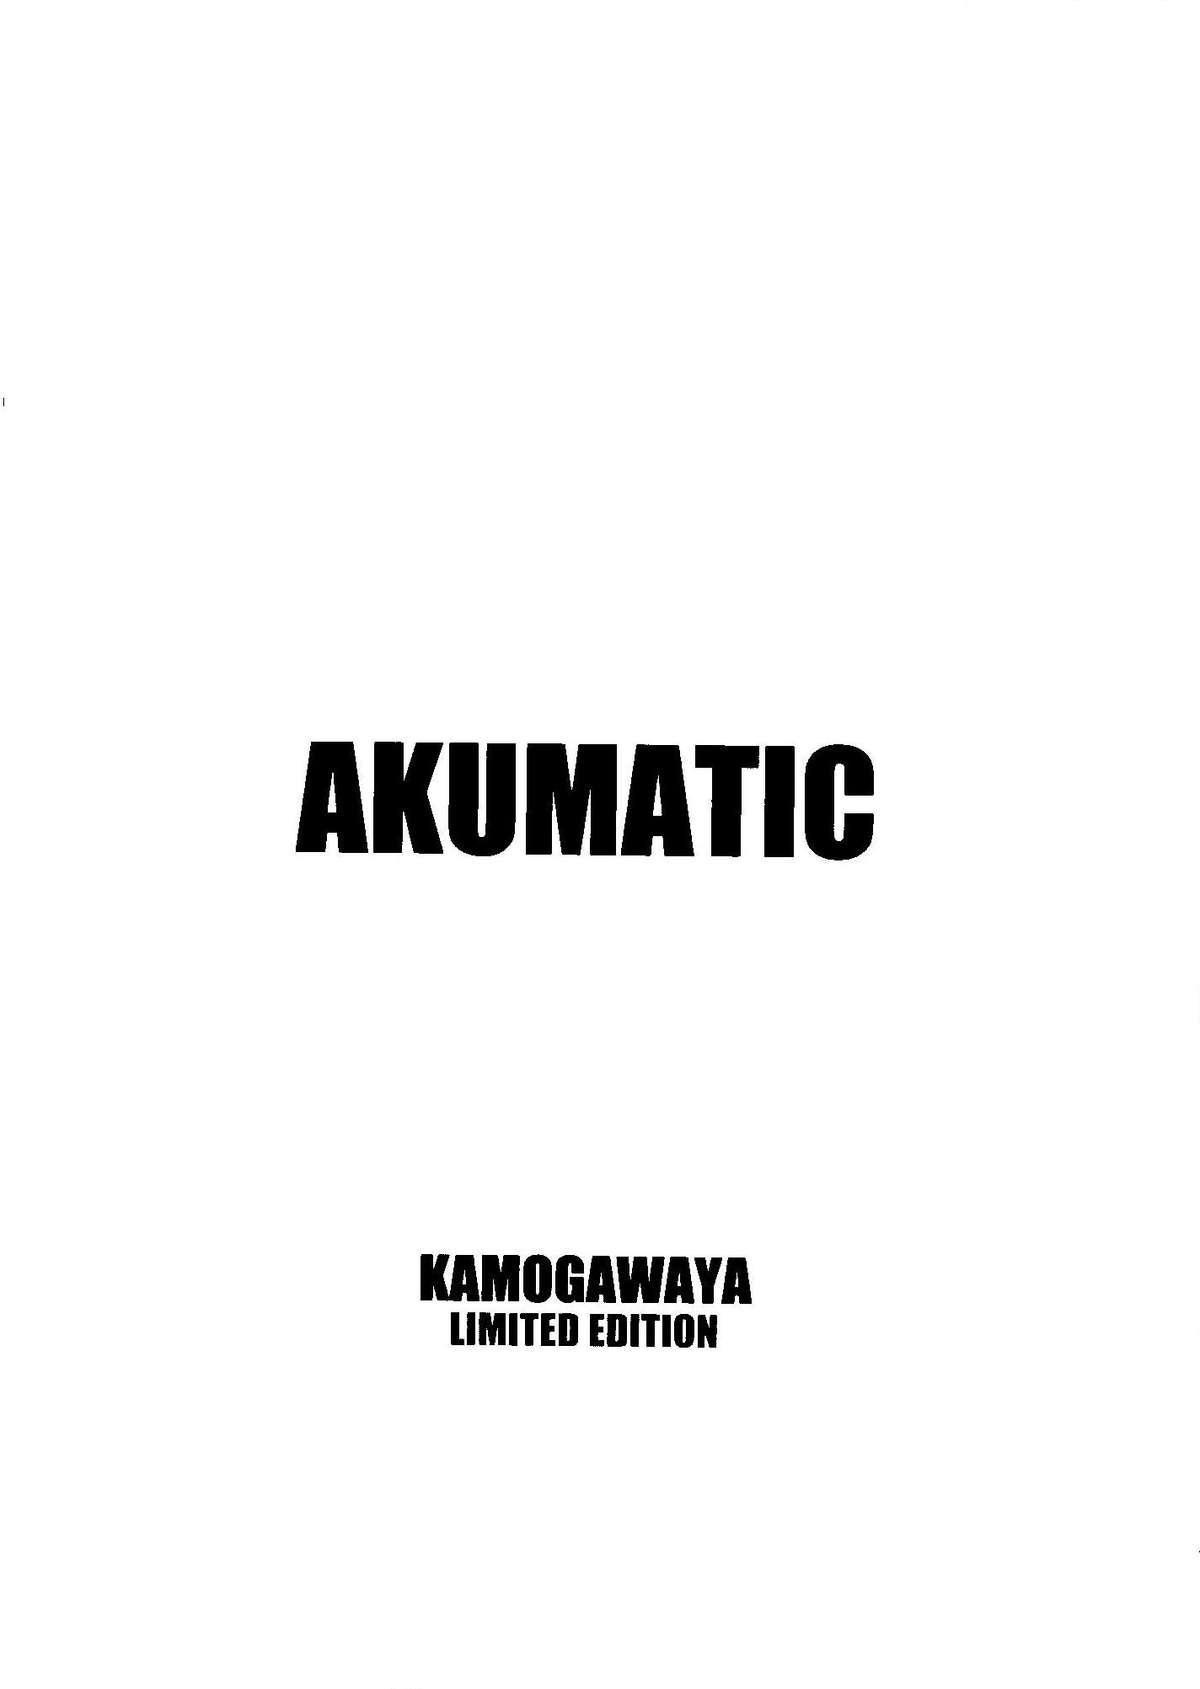 AKUMATIC 10